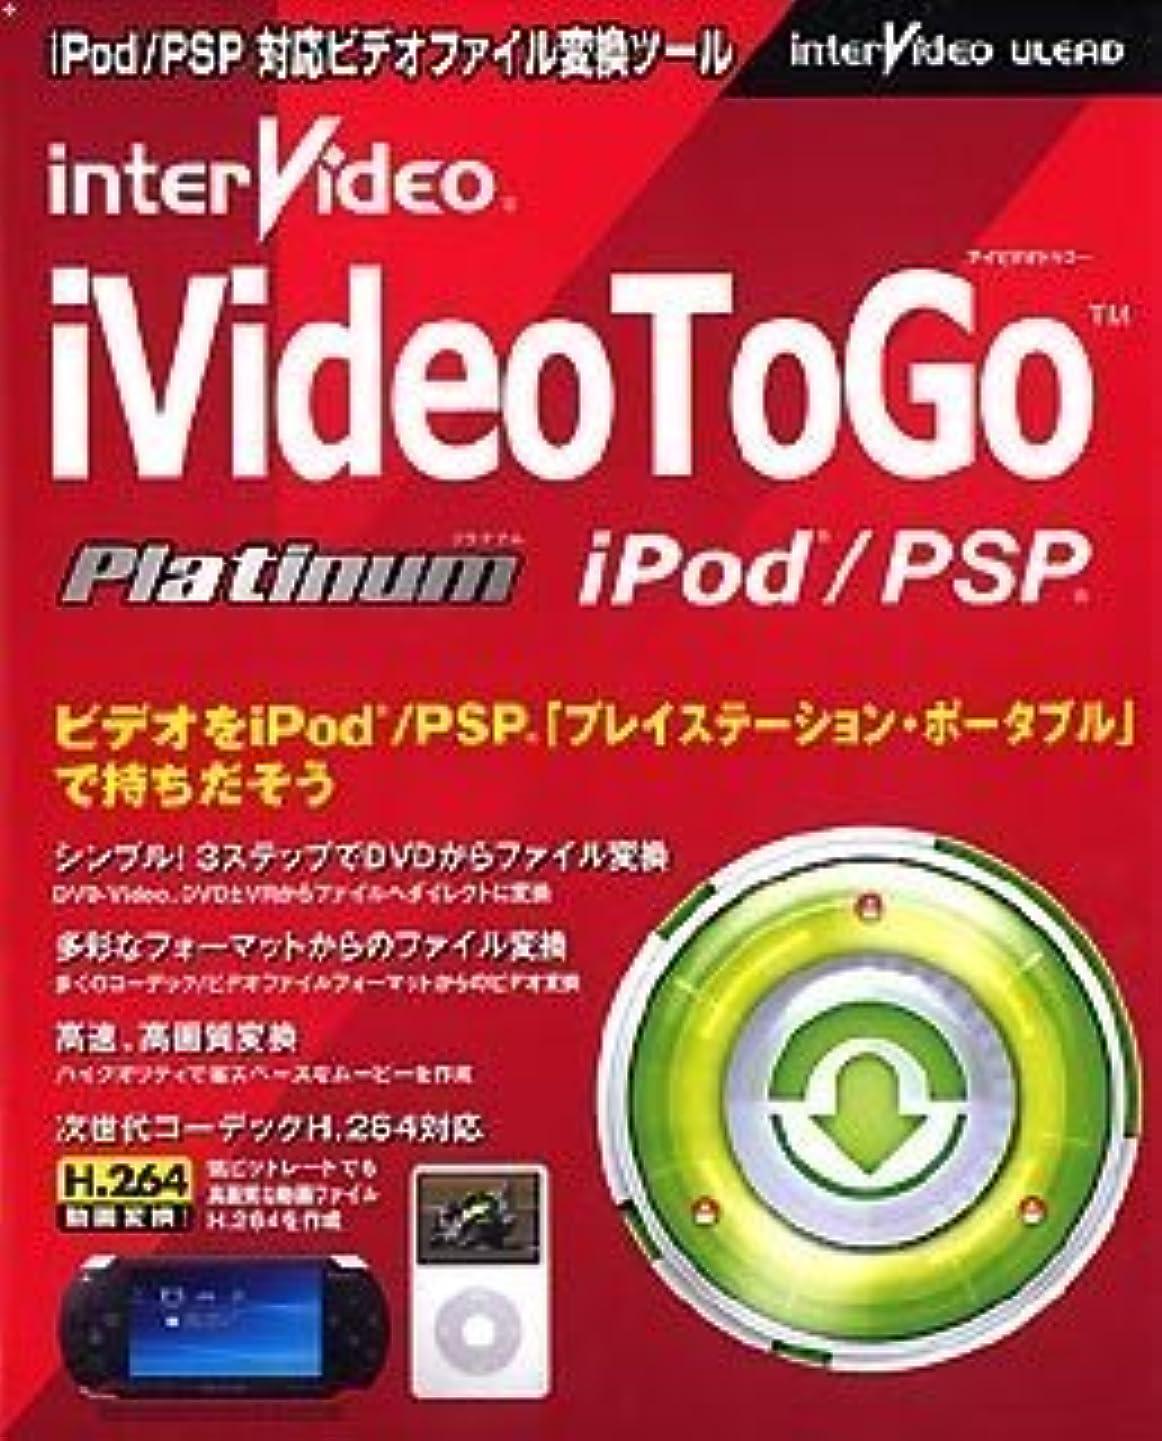 憂鬱窓物理的なInterVideo iVideoToGo Platinum iPod/PSP